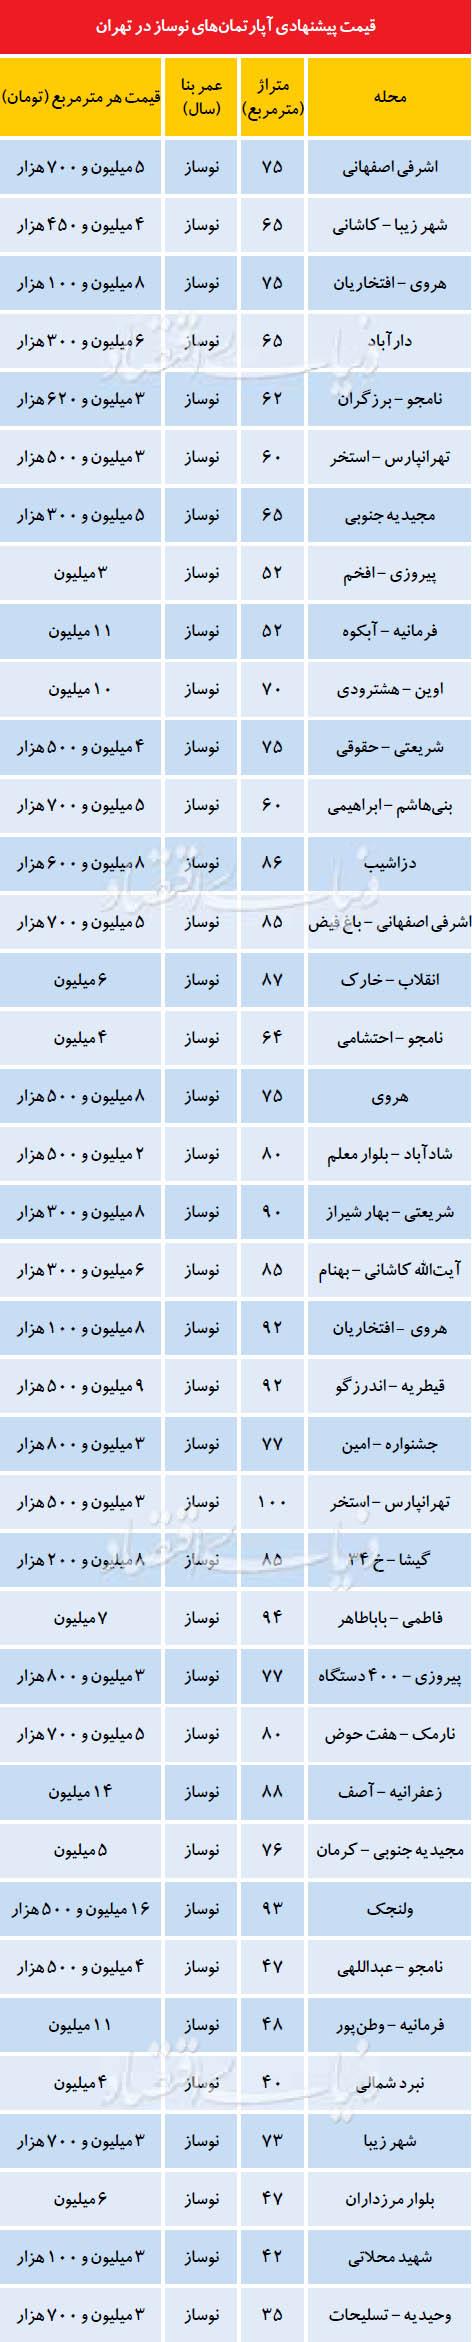 قیمت آپارتمانهای نوساز در هفته پایانی اسفند +جدول